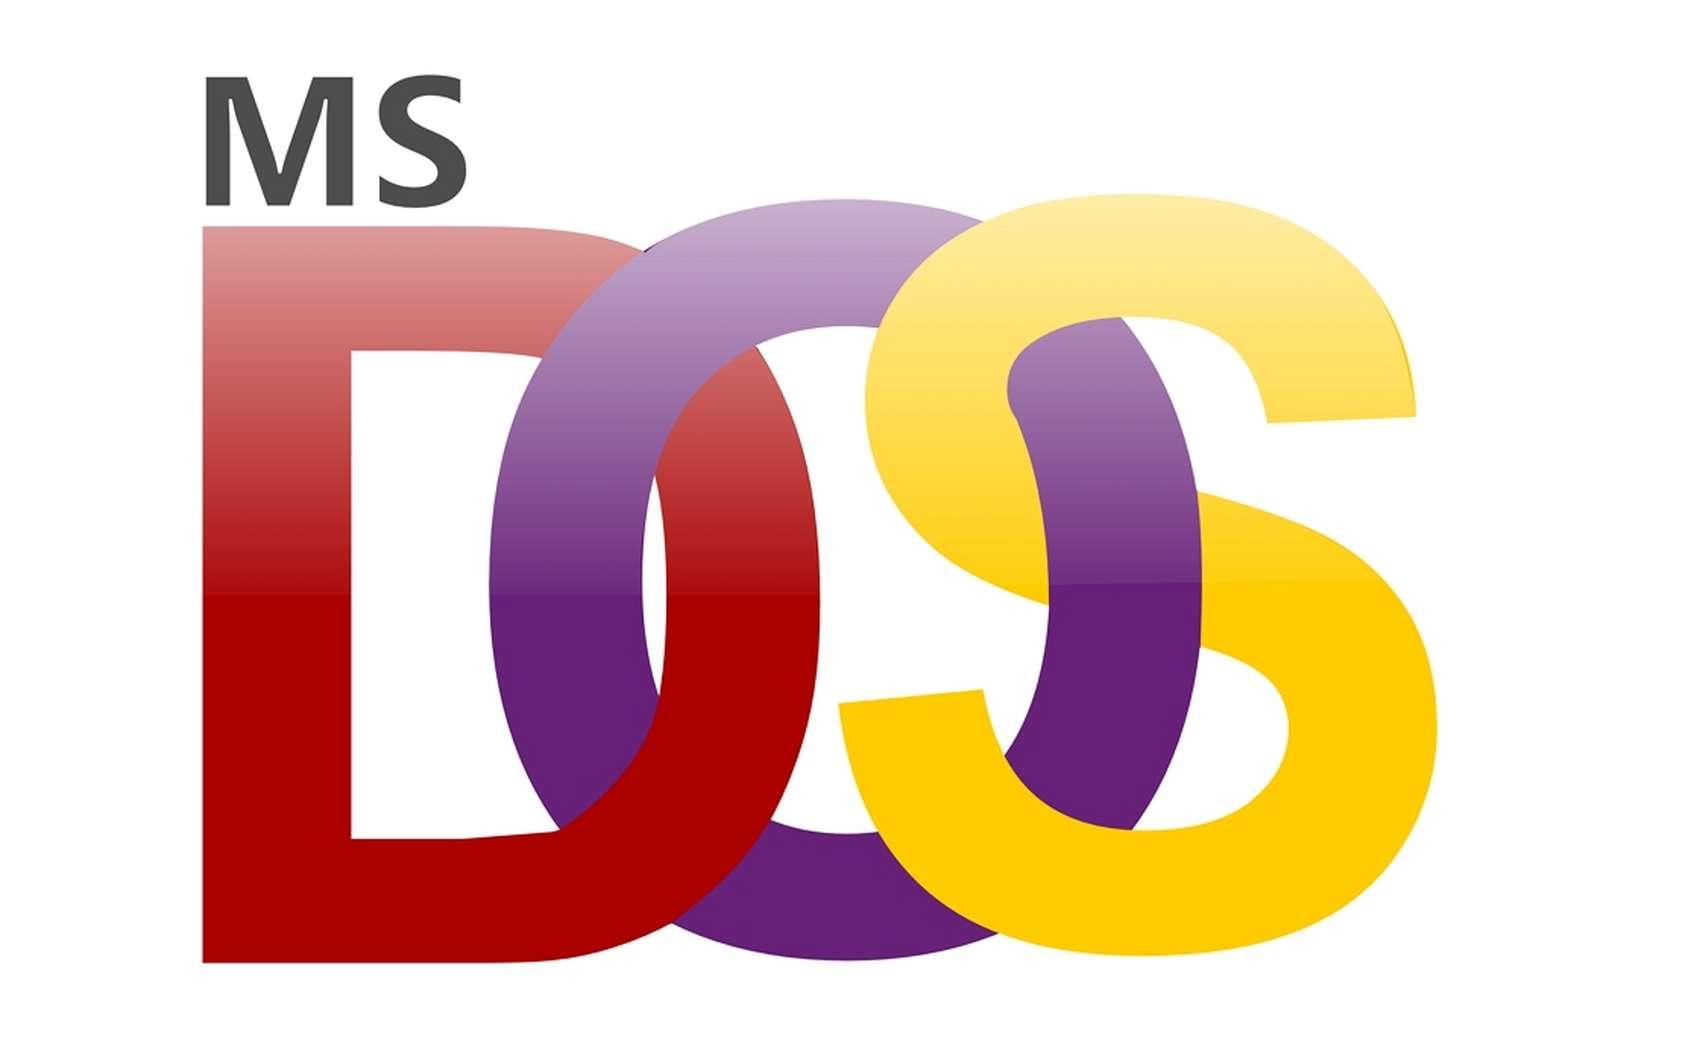 Le MS-DOS fut le système d'exploitation le plus répandu des 20 premières années de l'informatique grand public. © Openlcons, Pixabay